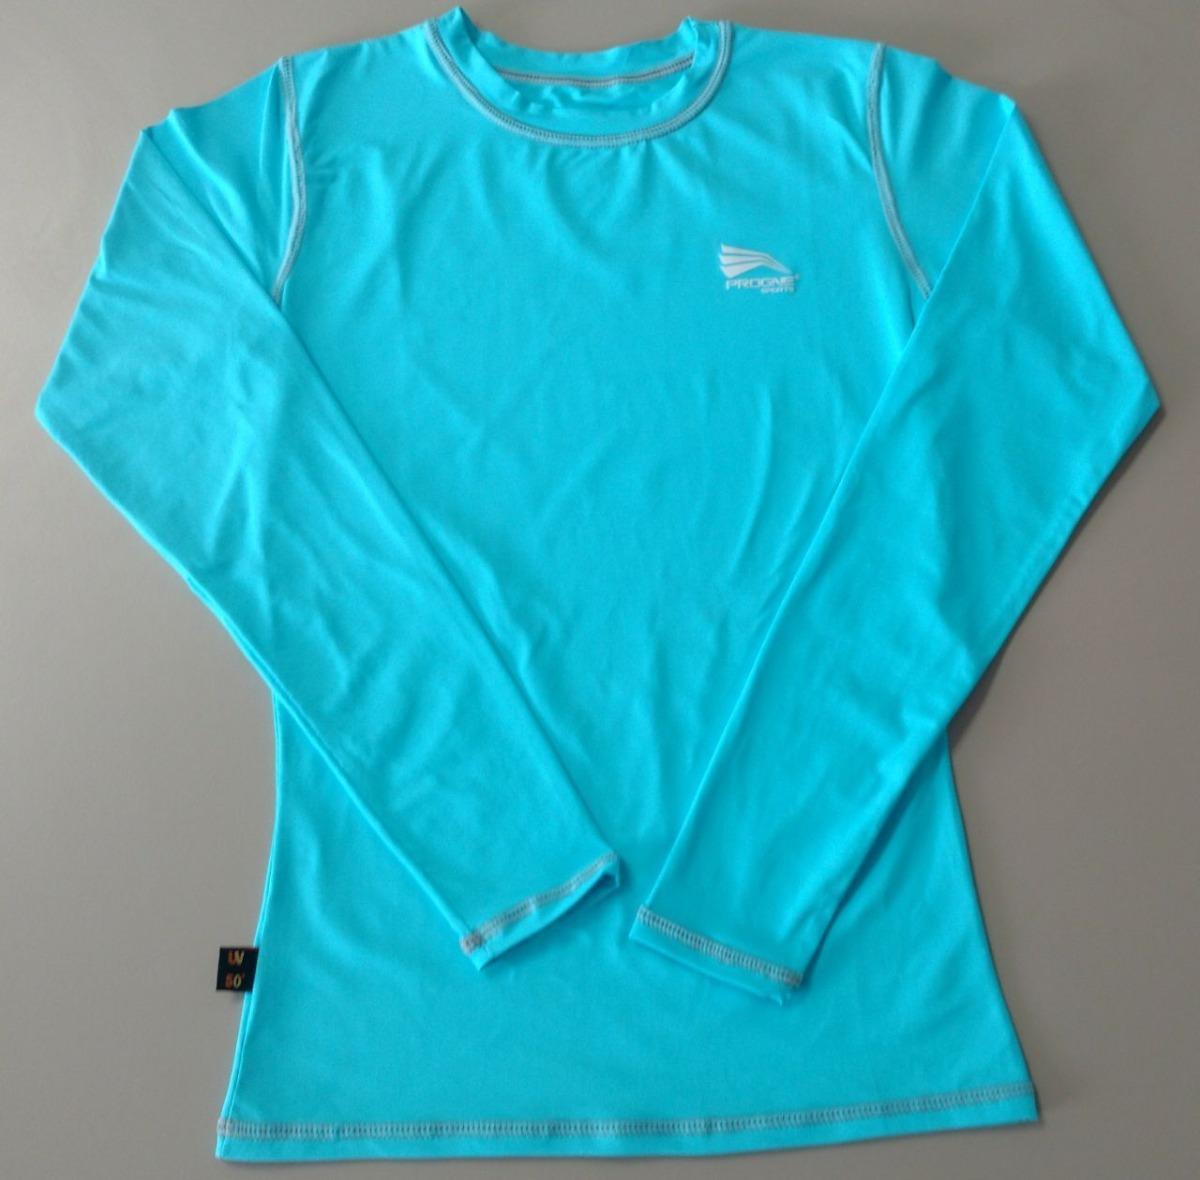 camisa térmica progne feminina sol piscina praia cores. Carregando zoom. 7725fe04f3d9f